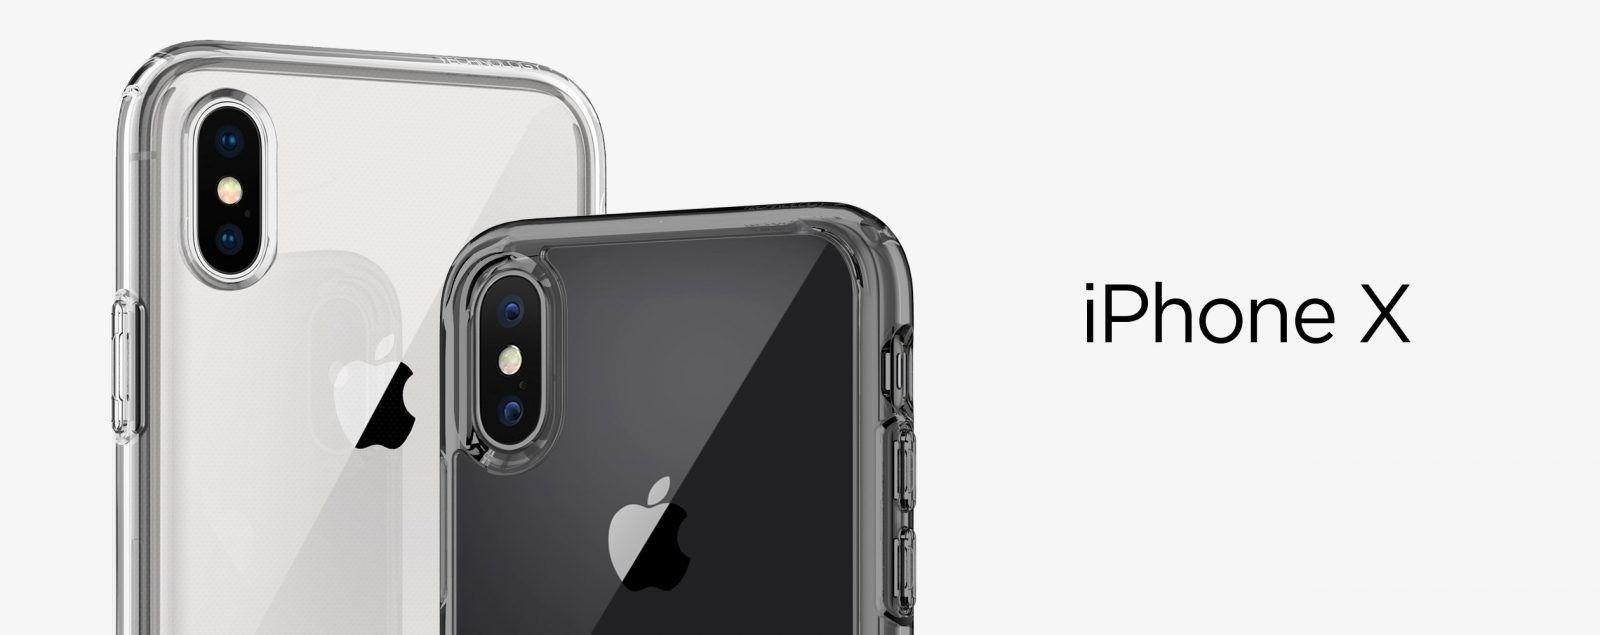 Niewiele zmian w przyszłorocznych modelach iPhone'a